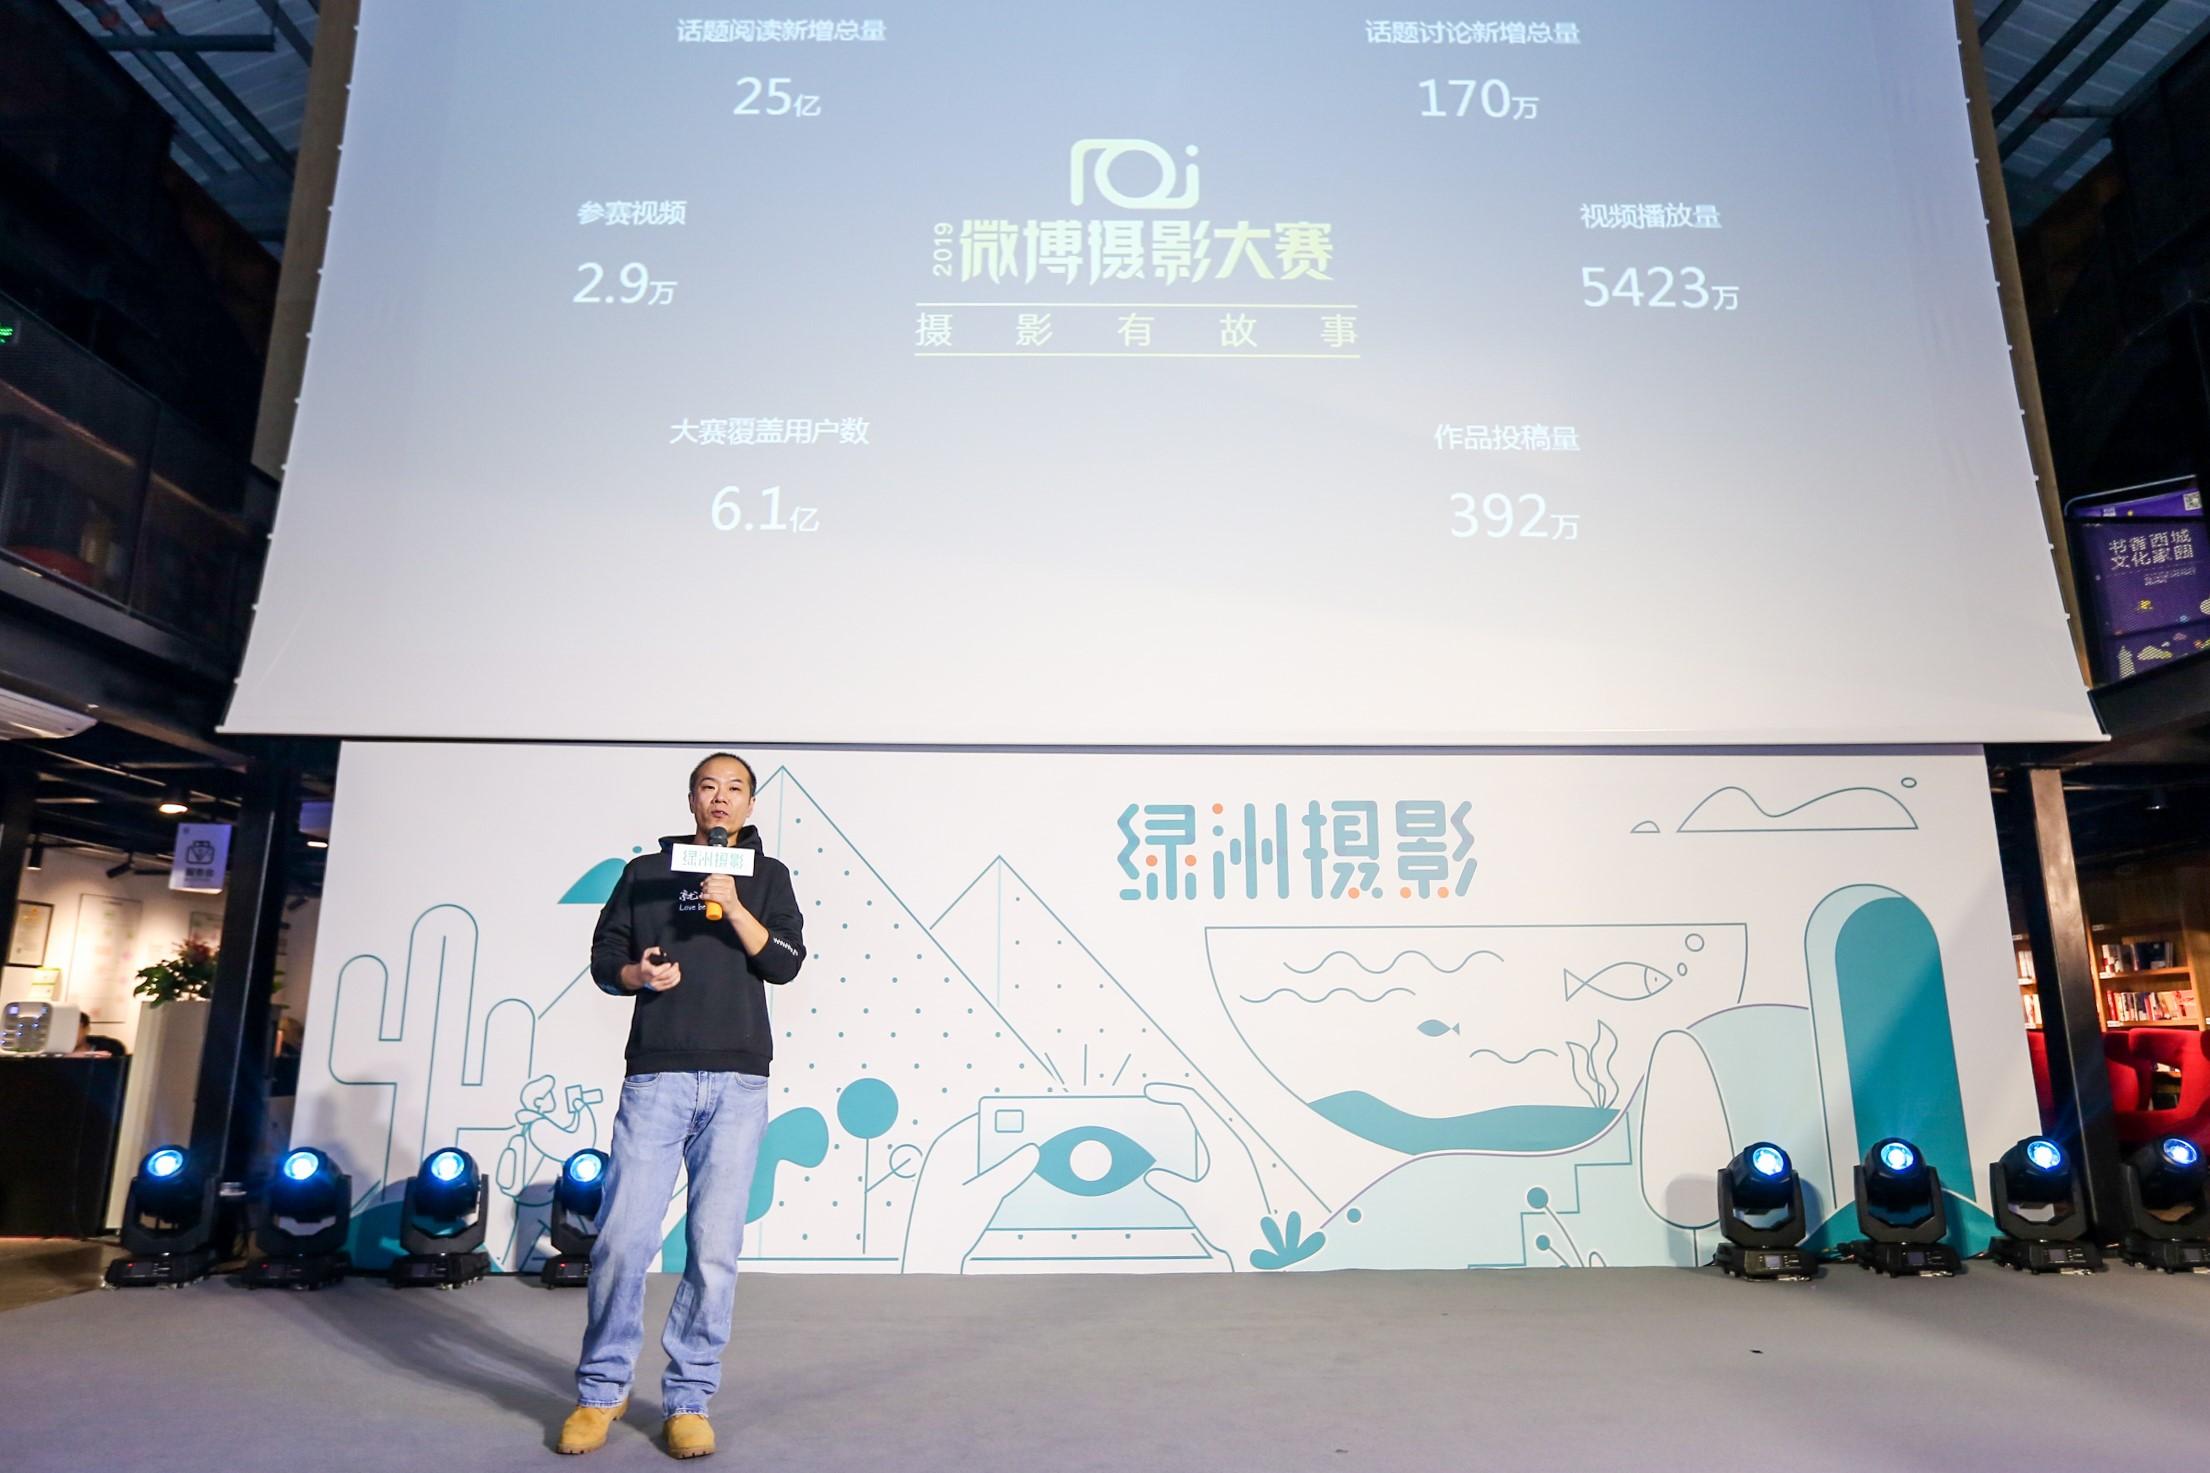 攝影遇見綠洲!微博攝影 2019 線下影展活動在京舉行